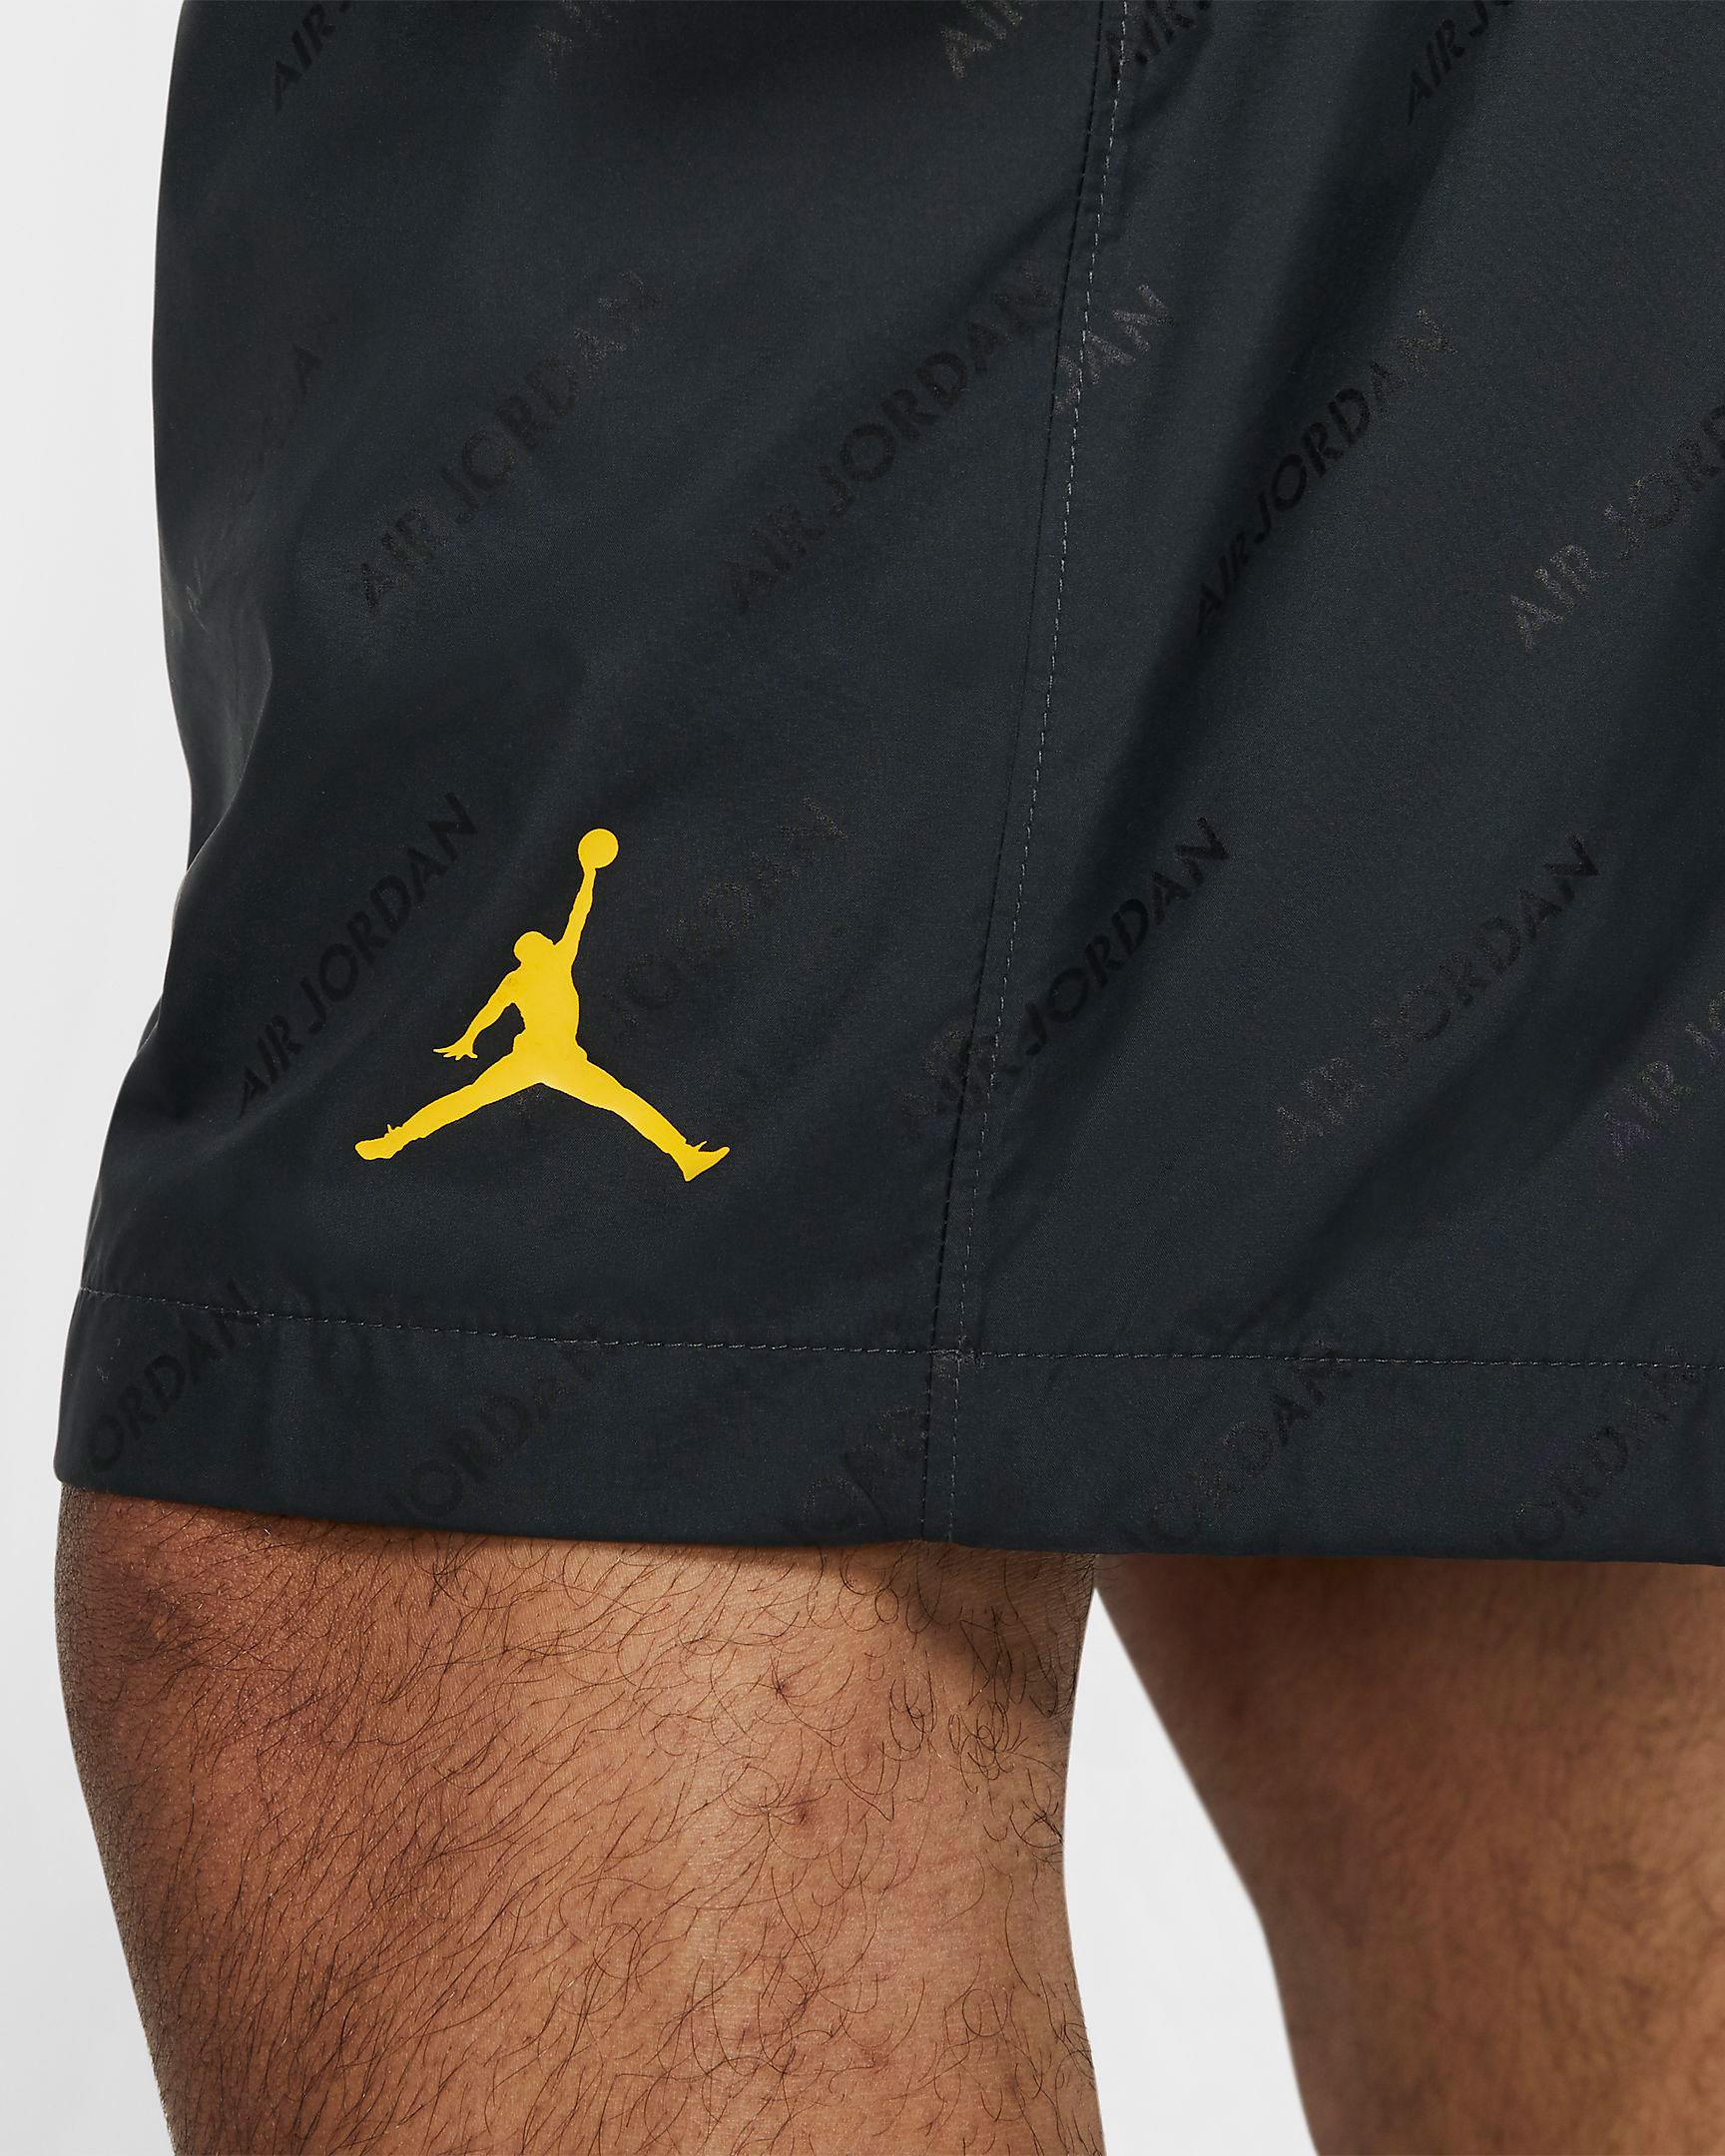 air-jordan-4-cool-grey-2019-shorts-2